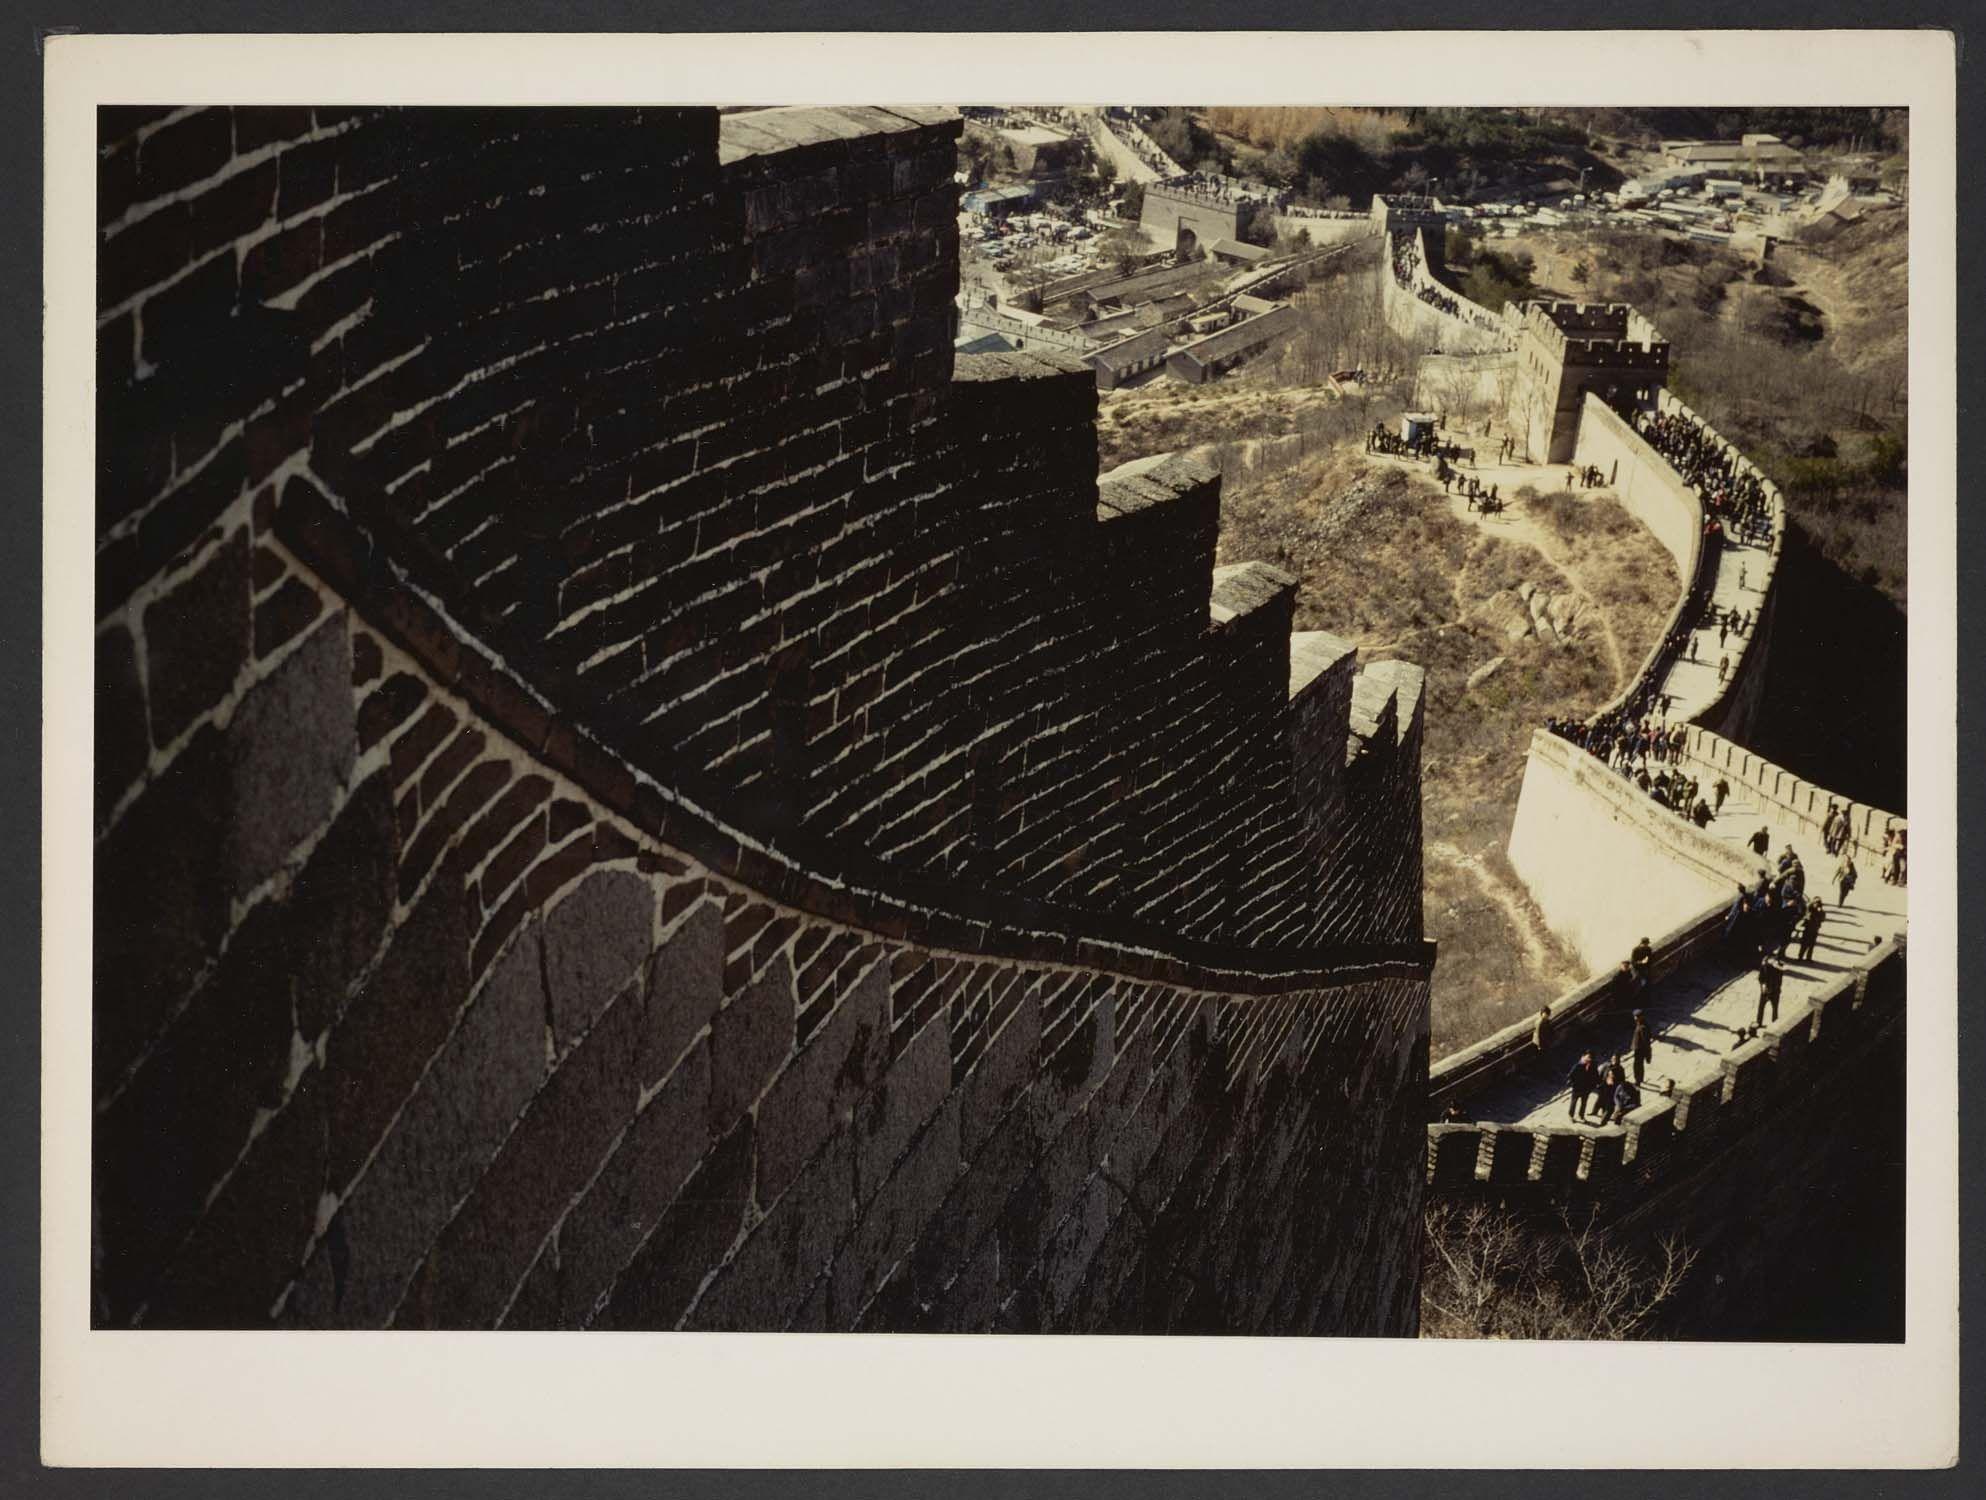 Michel Delaborde, Beijing (Pékin), (la muraille de Chine) 1981-1982. © Ministère de la culture (France), Médiathèque de l'architecture et du patrimoine, Diffusion RMN-GP